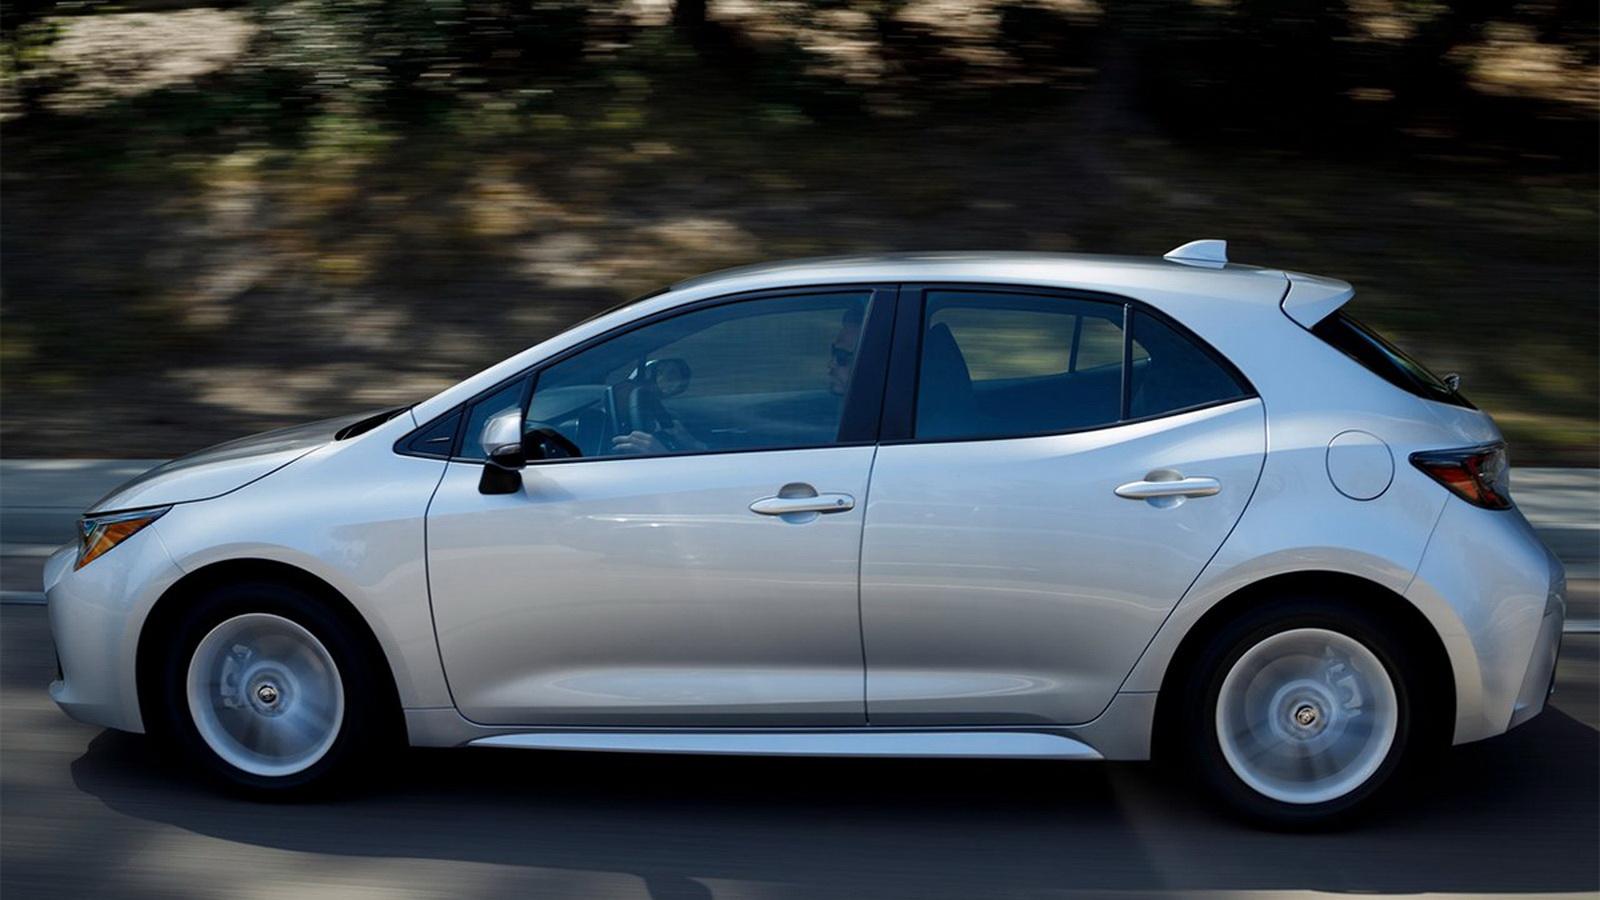 圖/Corolla Sport採用M20A-FKS 2.0L Dynamic Force自然進氣引擎配置,搭配Direct Shift CVT無段變速系統,提供170ps/6,600rpm最大馬力與20.4kgm/4,400-4,800rpm峰值扭力。